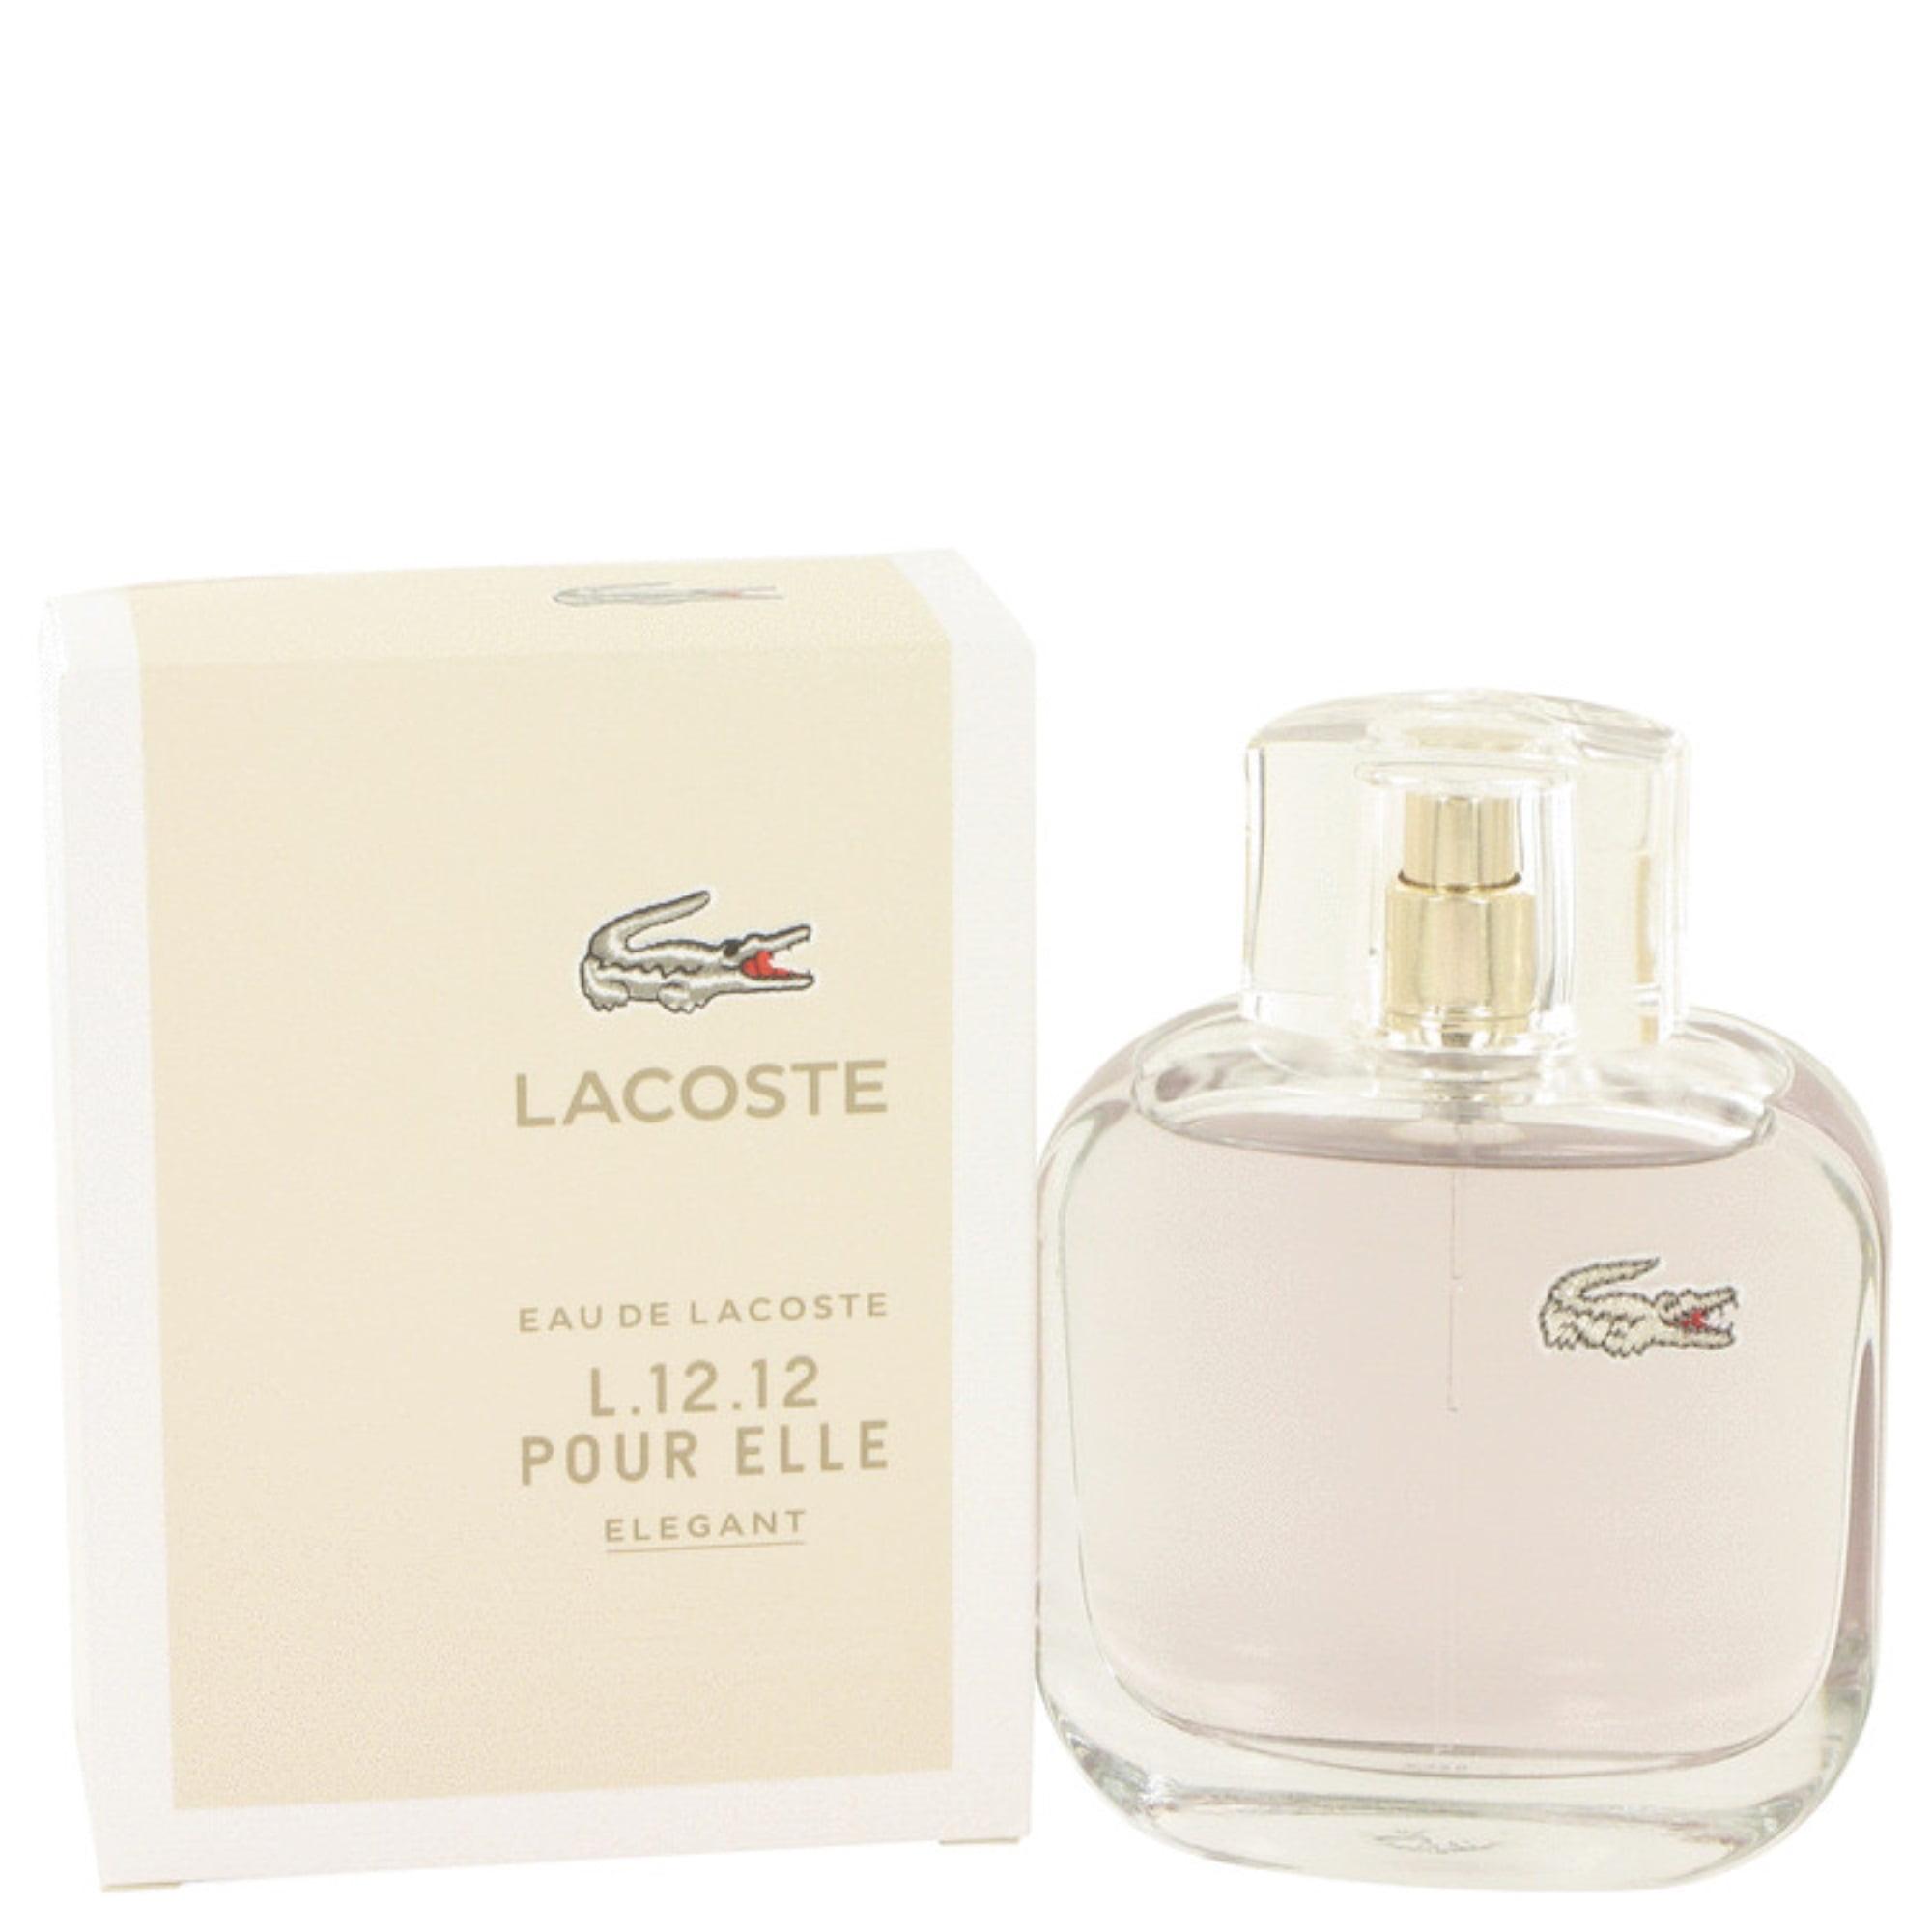 Perfume3 Oz Eau Elegant Lacoste 12 De L 12 Toilette QsrthdC